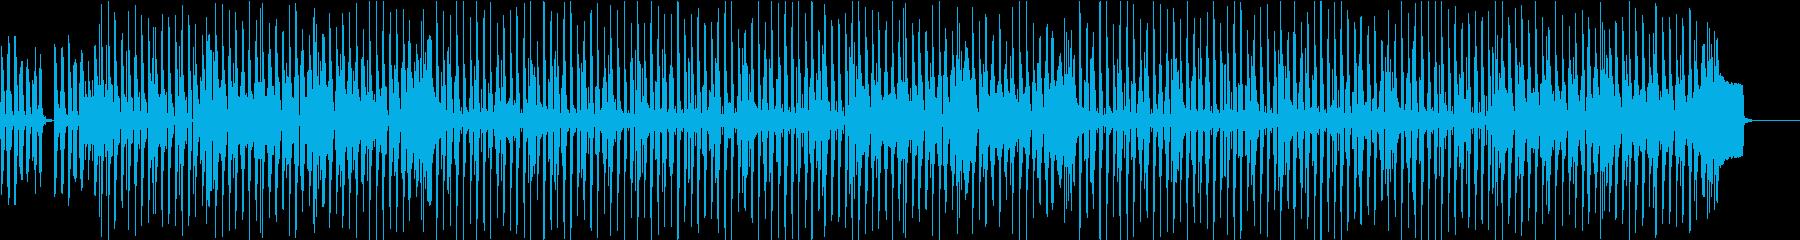 フルートを使ったルンルンとした温かい曲の再生済みの波形